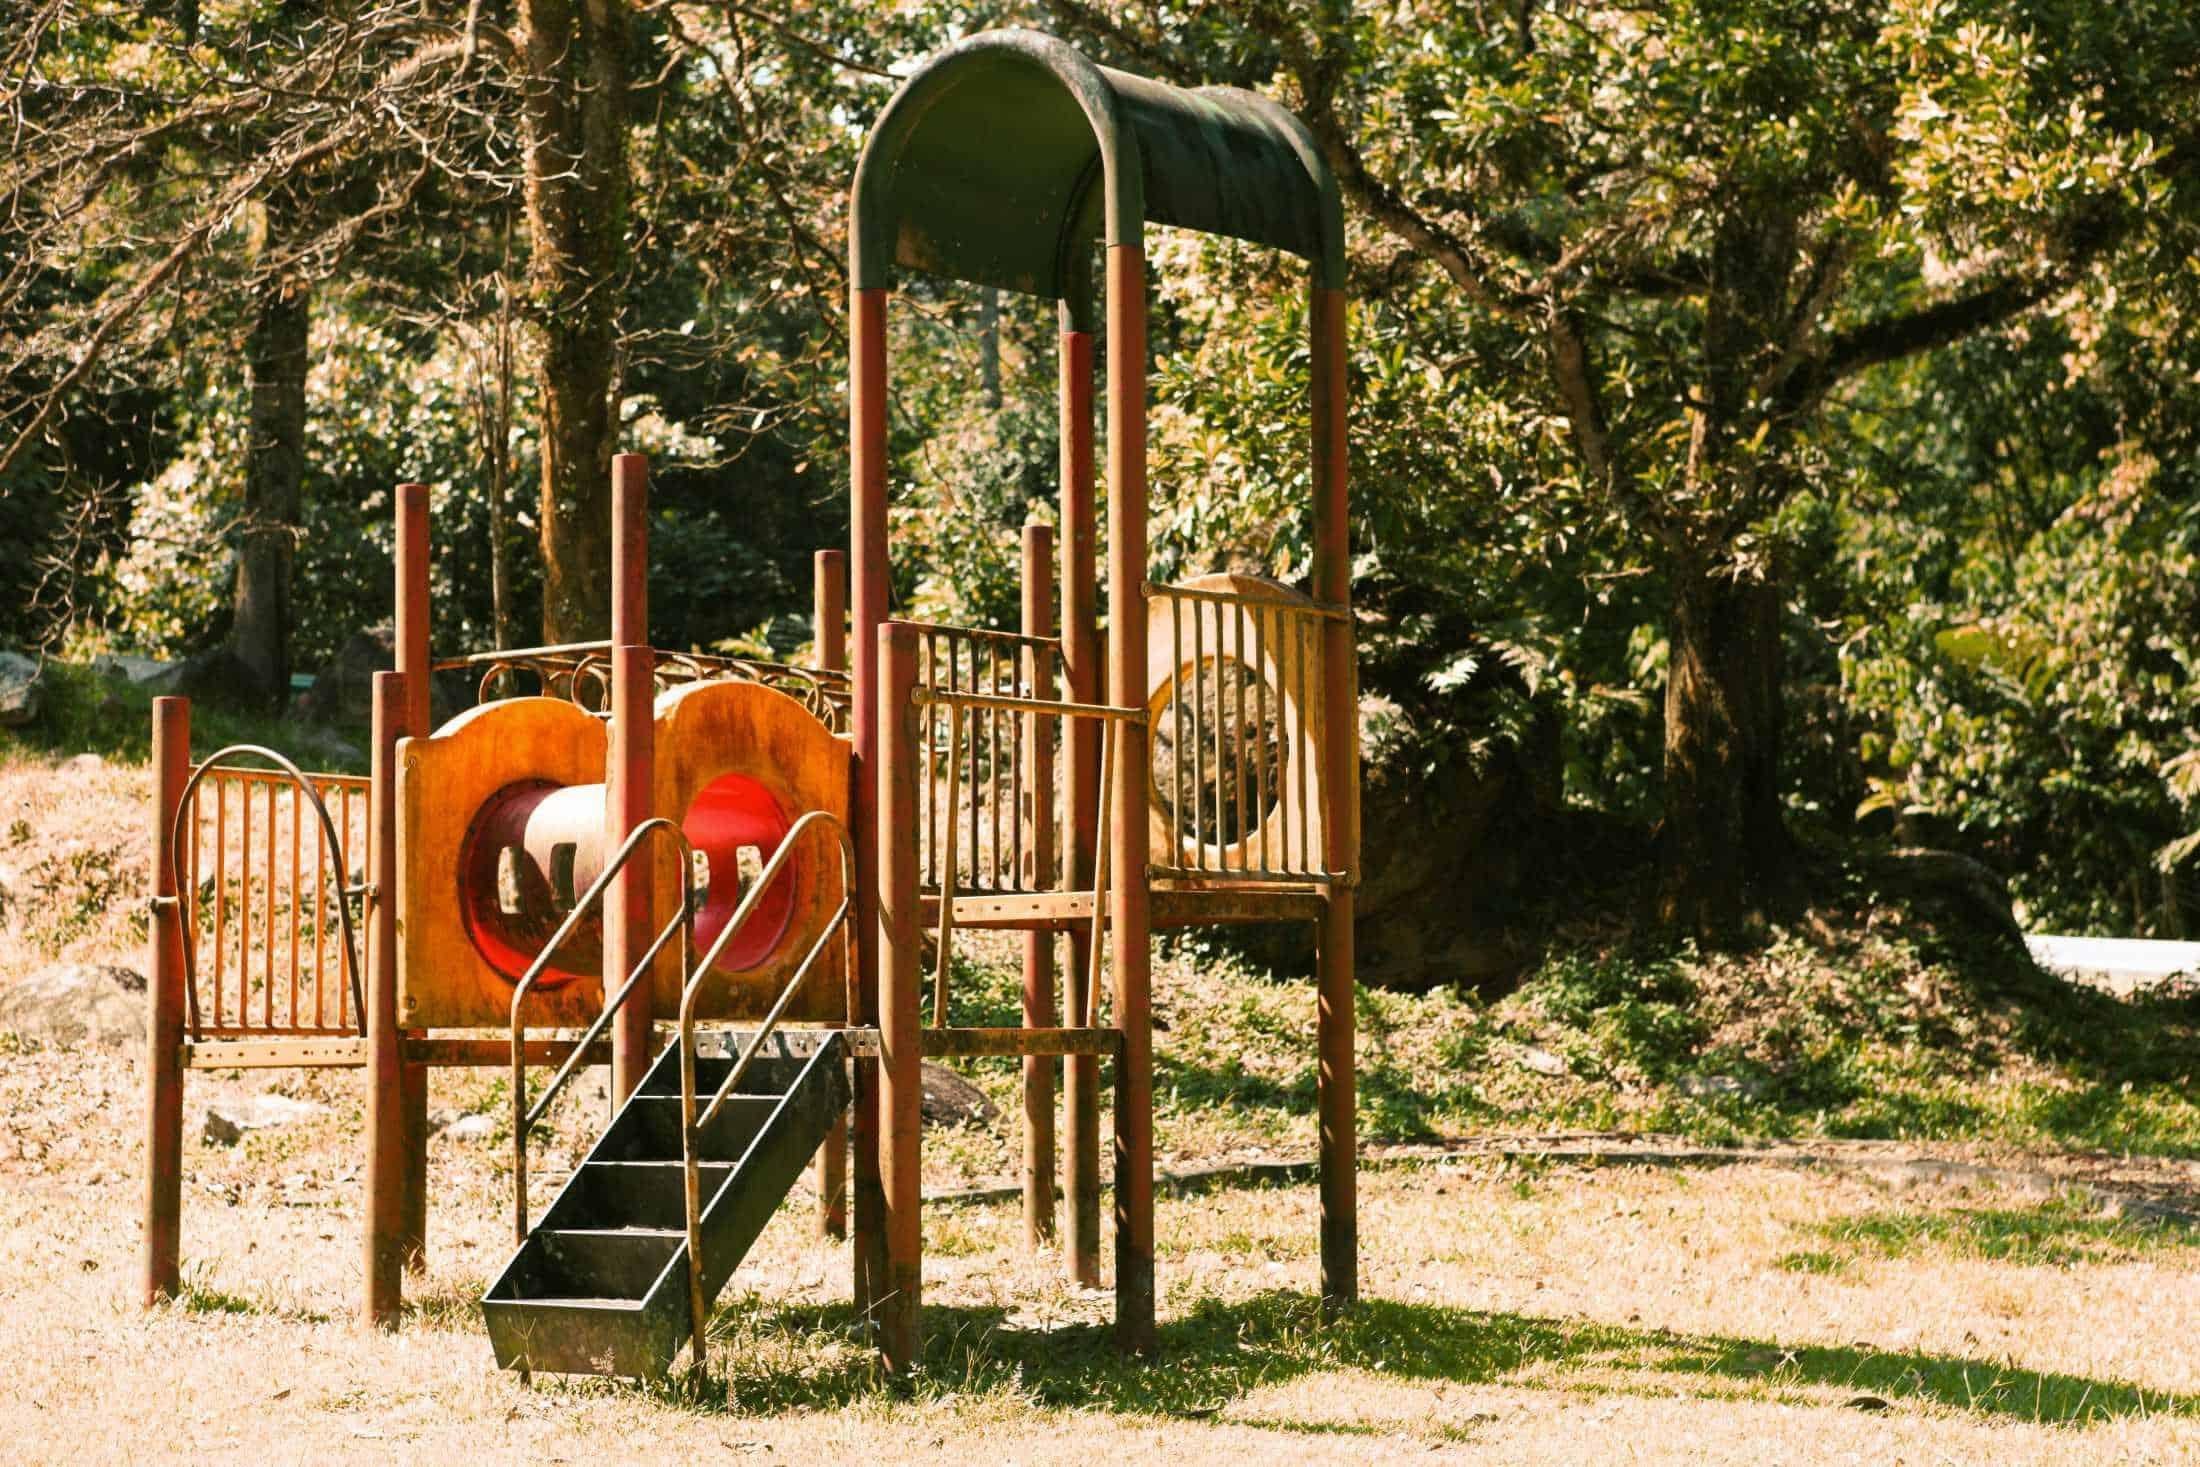 Full Size of Kletterturm Garten Spielturm Test Empfehlungen 03 20 Gartenbook Kinderspielhaus Pergola Sitzgruppe Spielanlage Schwimmingpool Für Den Fußballtore Pavillion Garten Kletterturm Garten